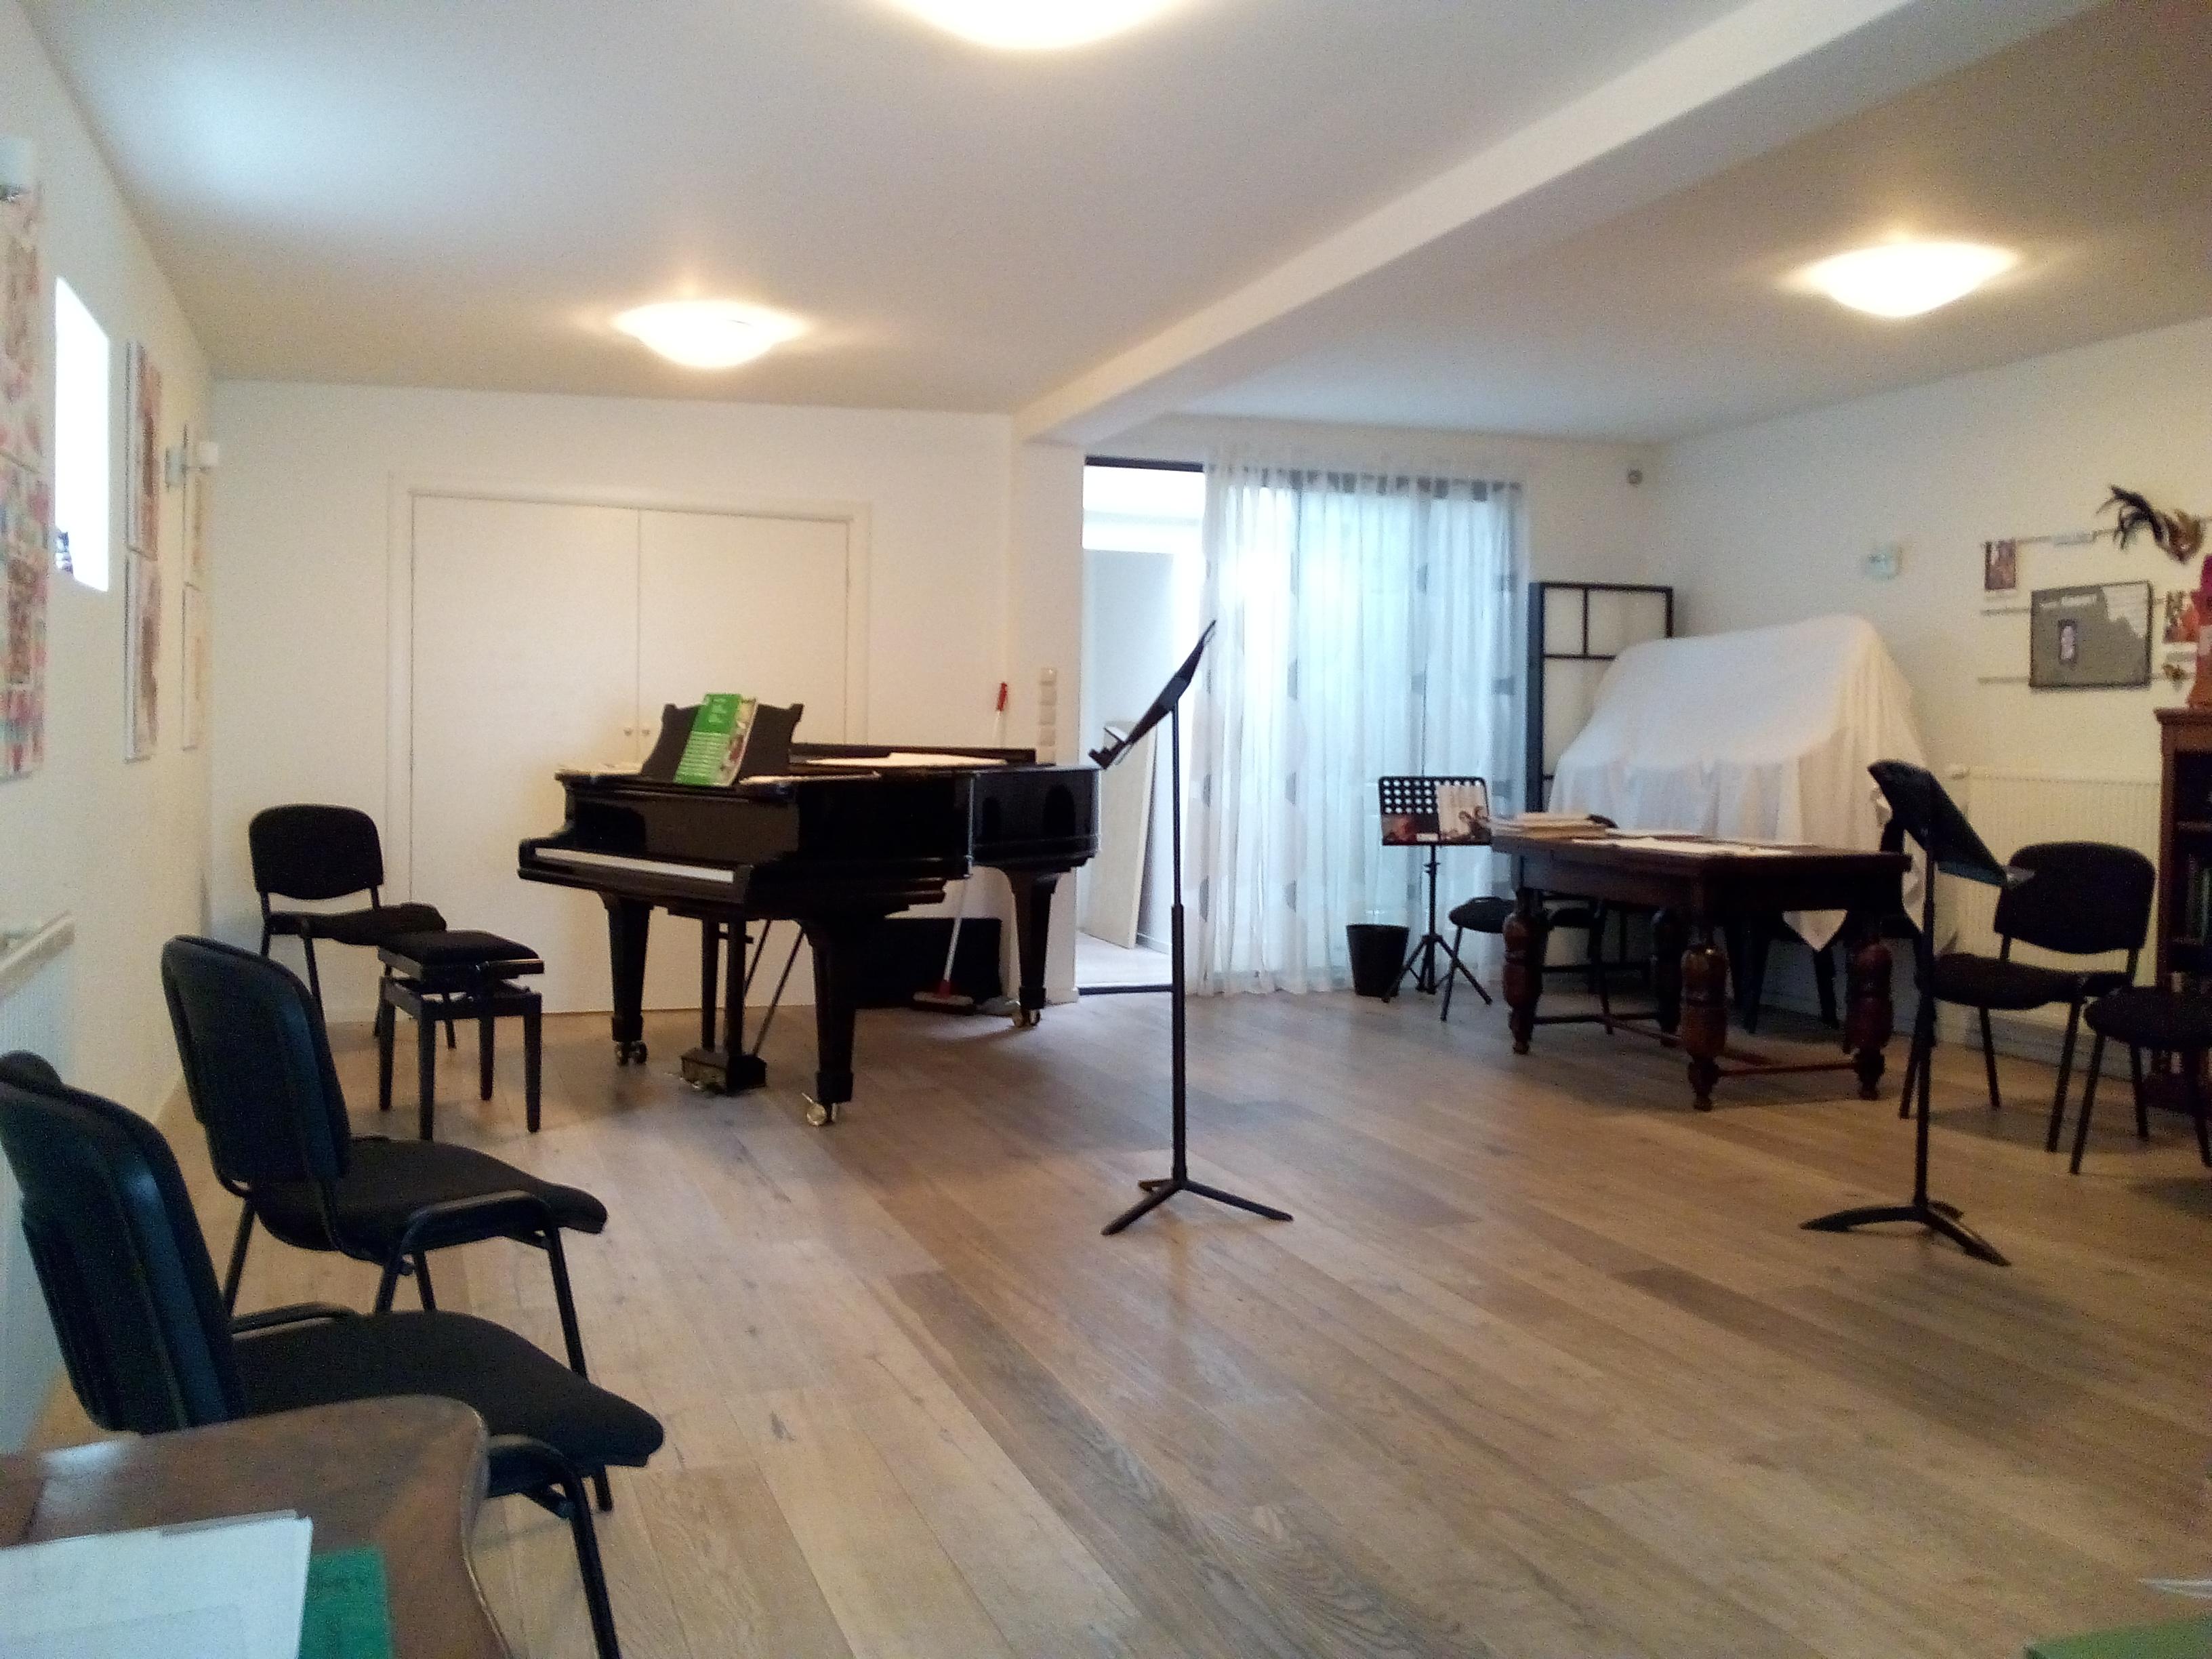 Muziekruimte in Amsterdam voor concerten, leerlingenuitvoeringen en dwarsfluitles